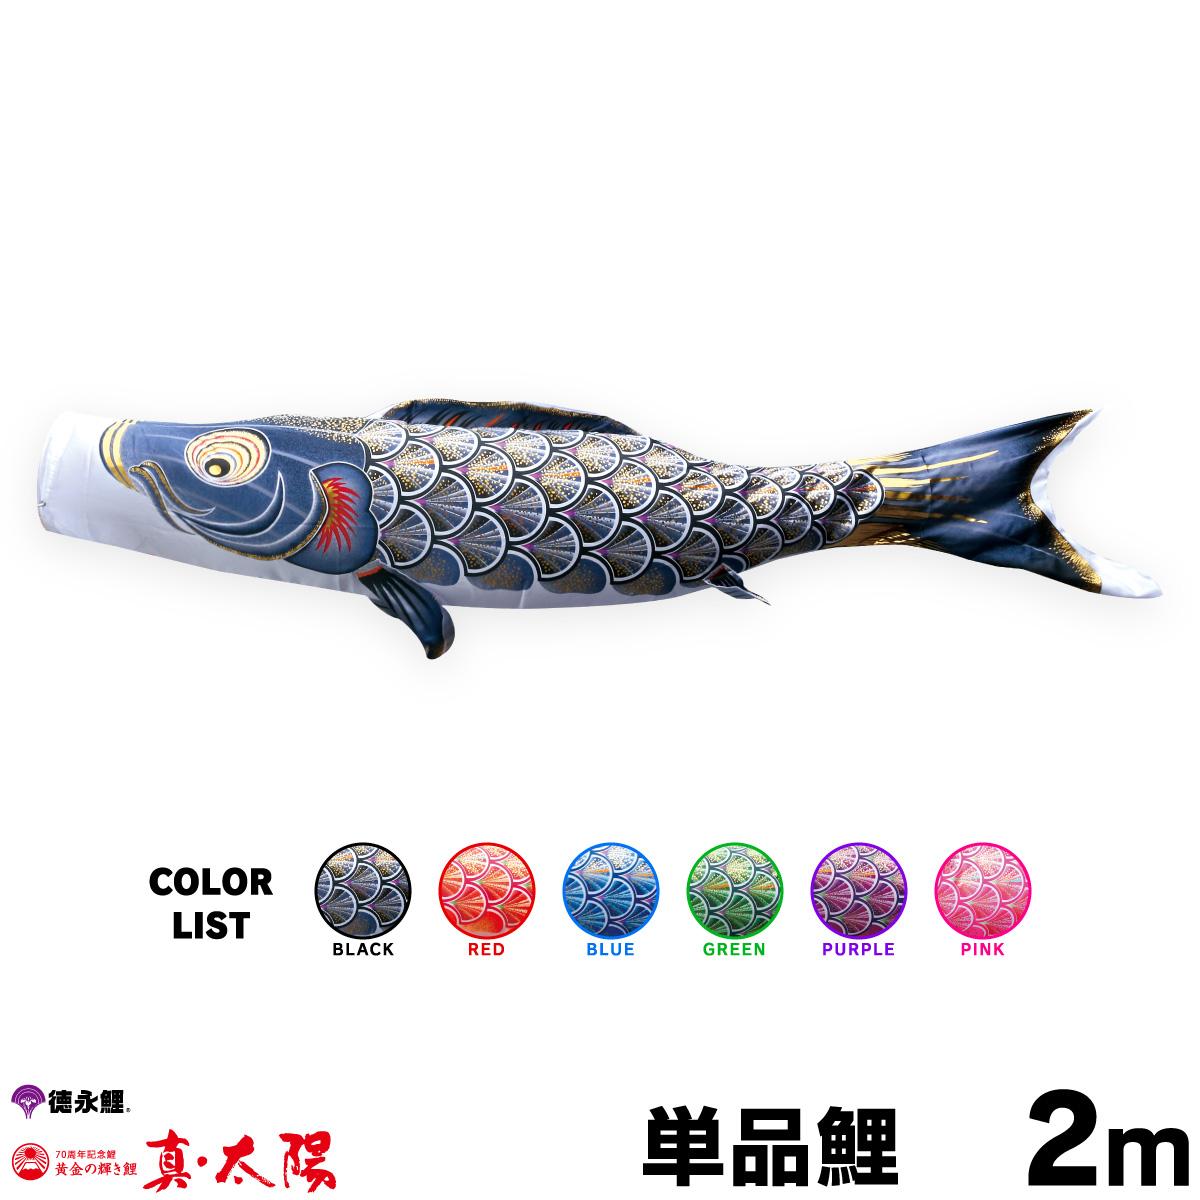 【こいのぼり 単品】 真・太陽鯉 2m 単品鯉 黒 赤 青 緑 紫 ピンク